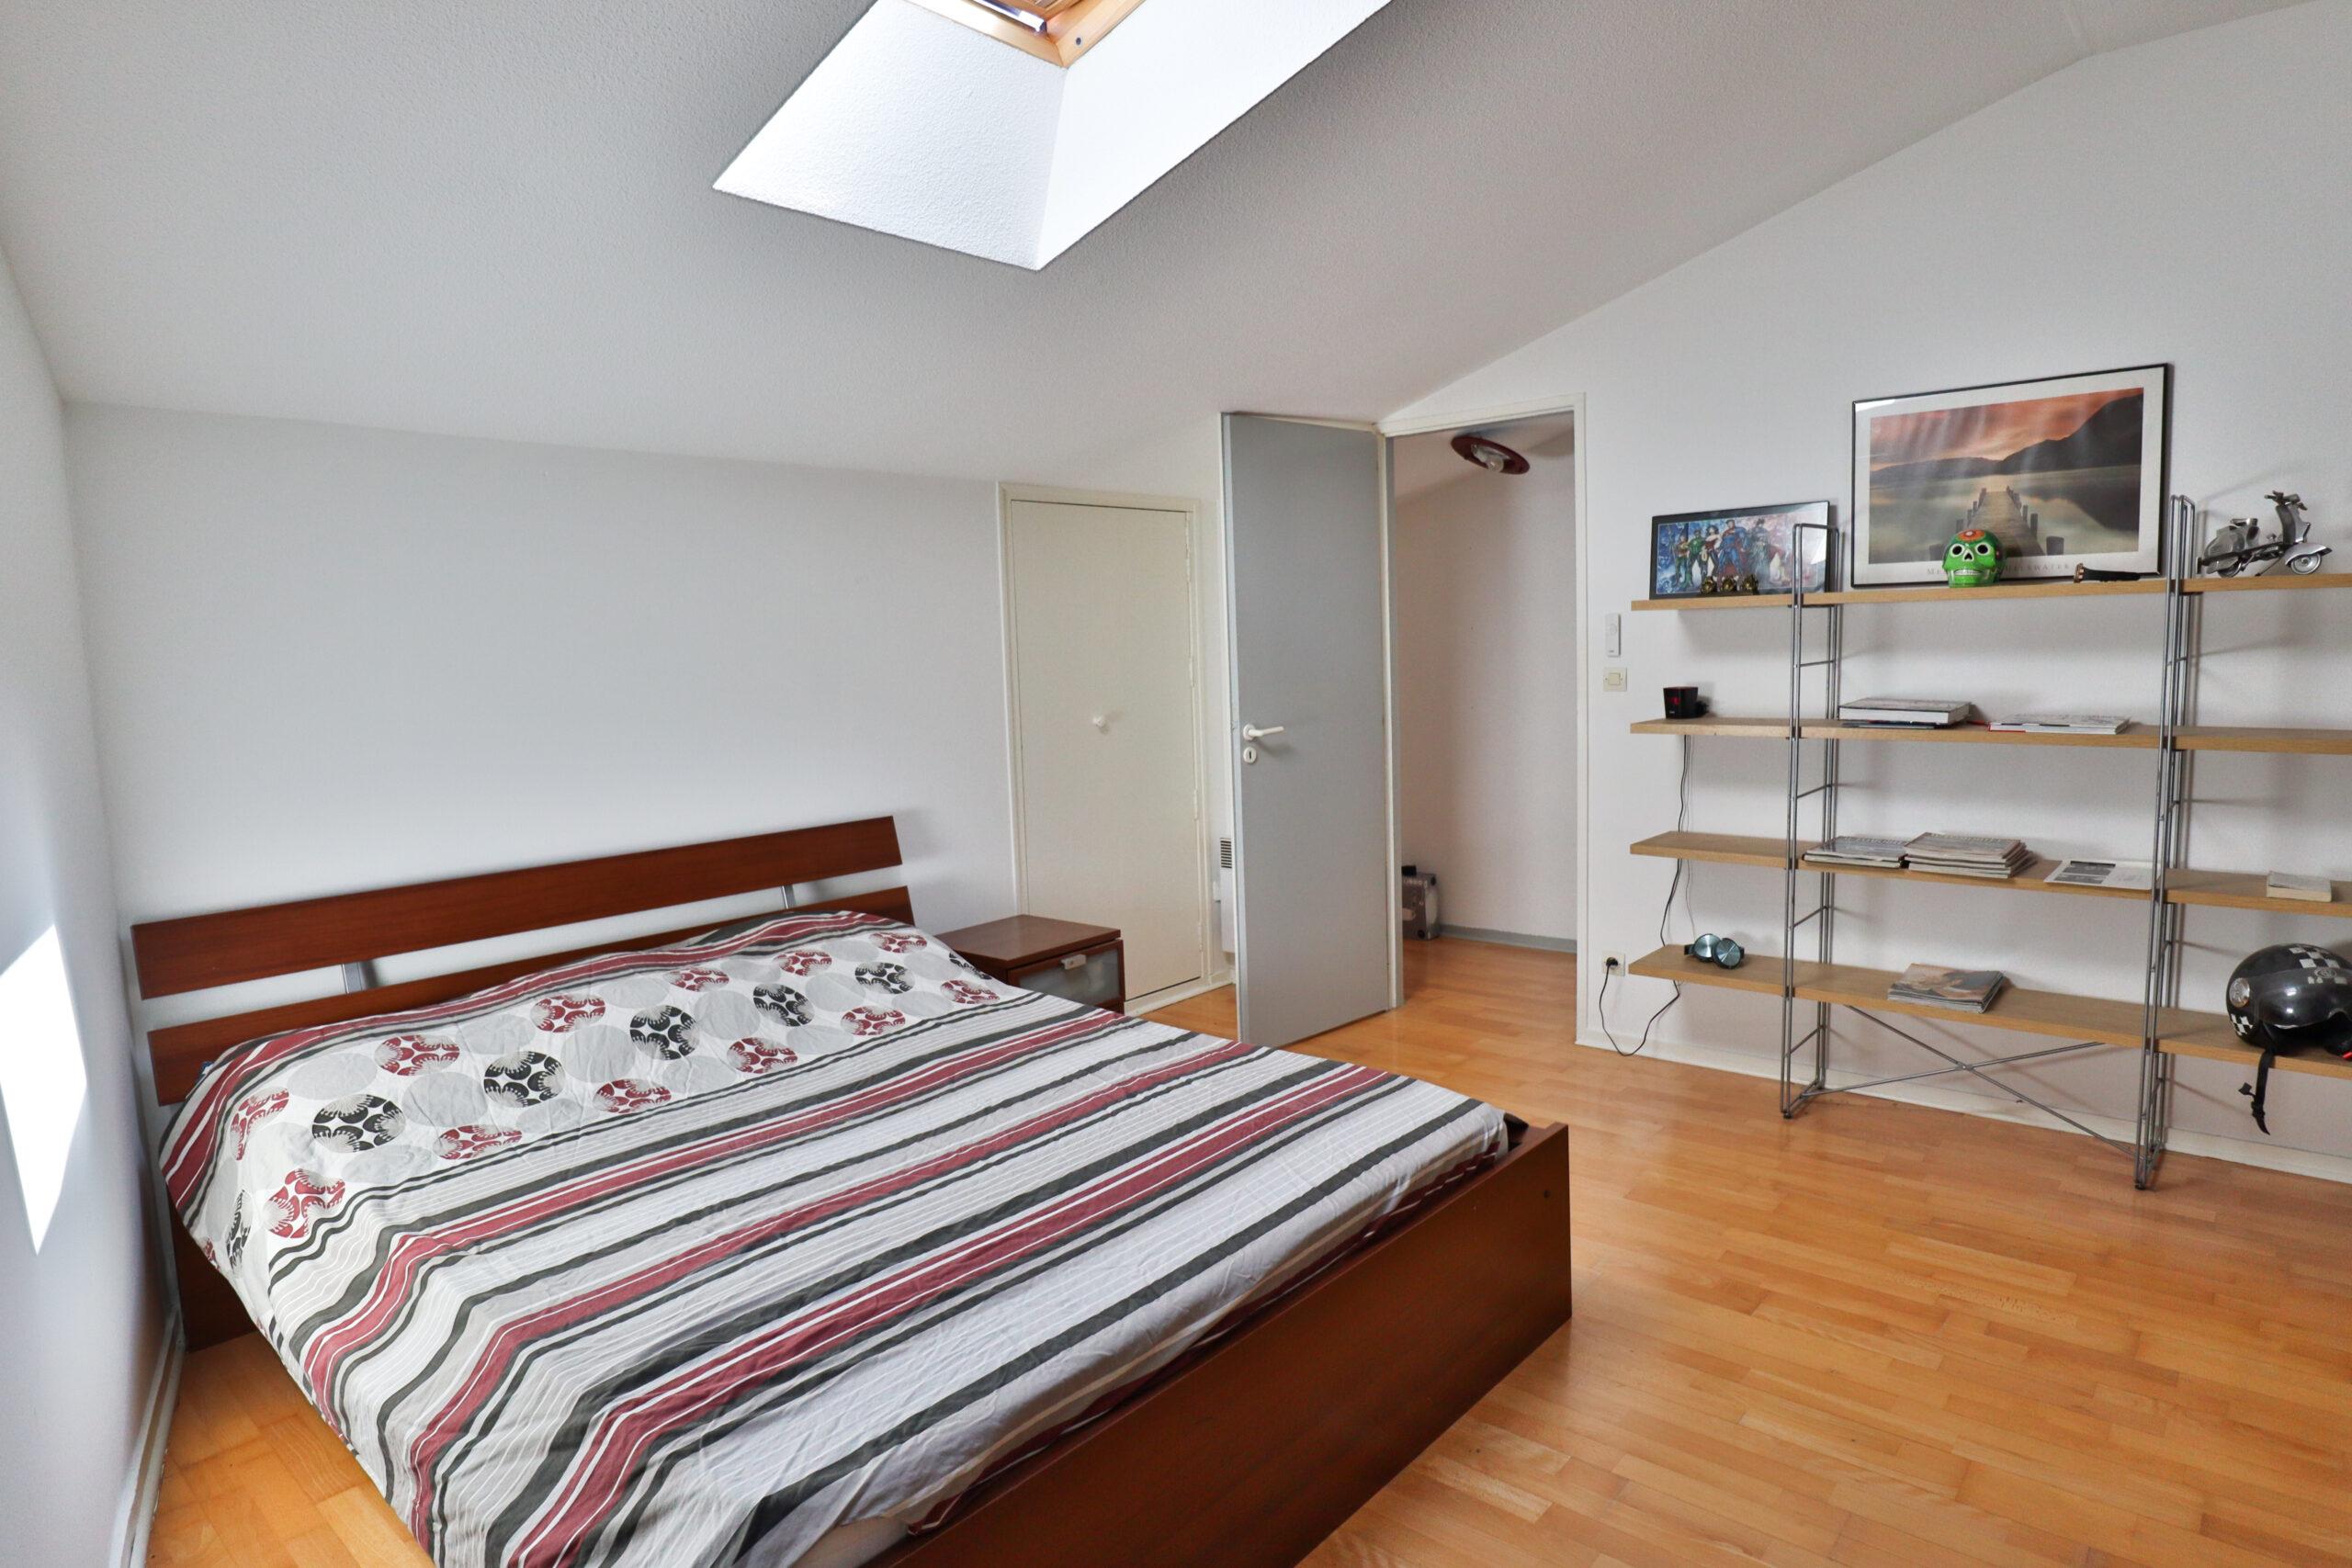 7-agence-immobilière-bordeaux-clés-en-main-appartement-mérignac-saint-augustin